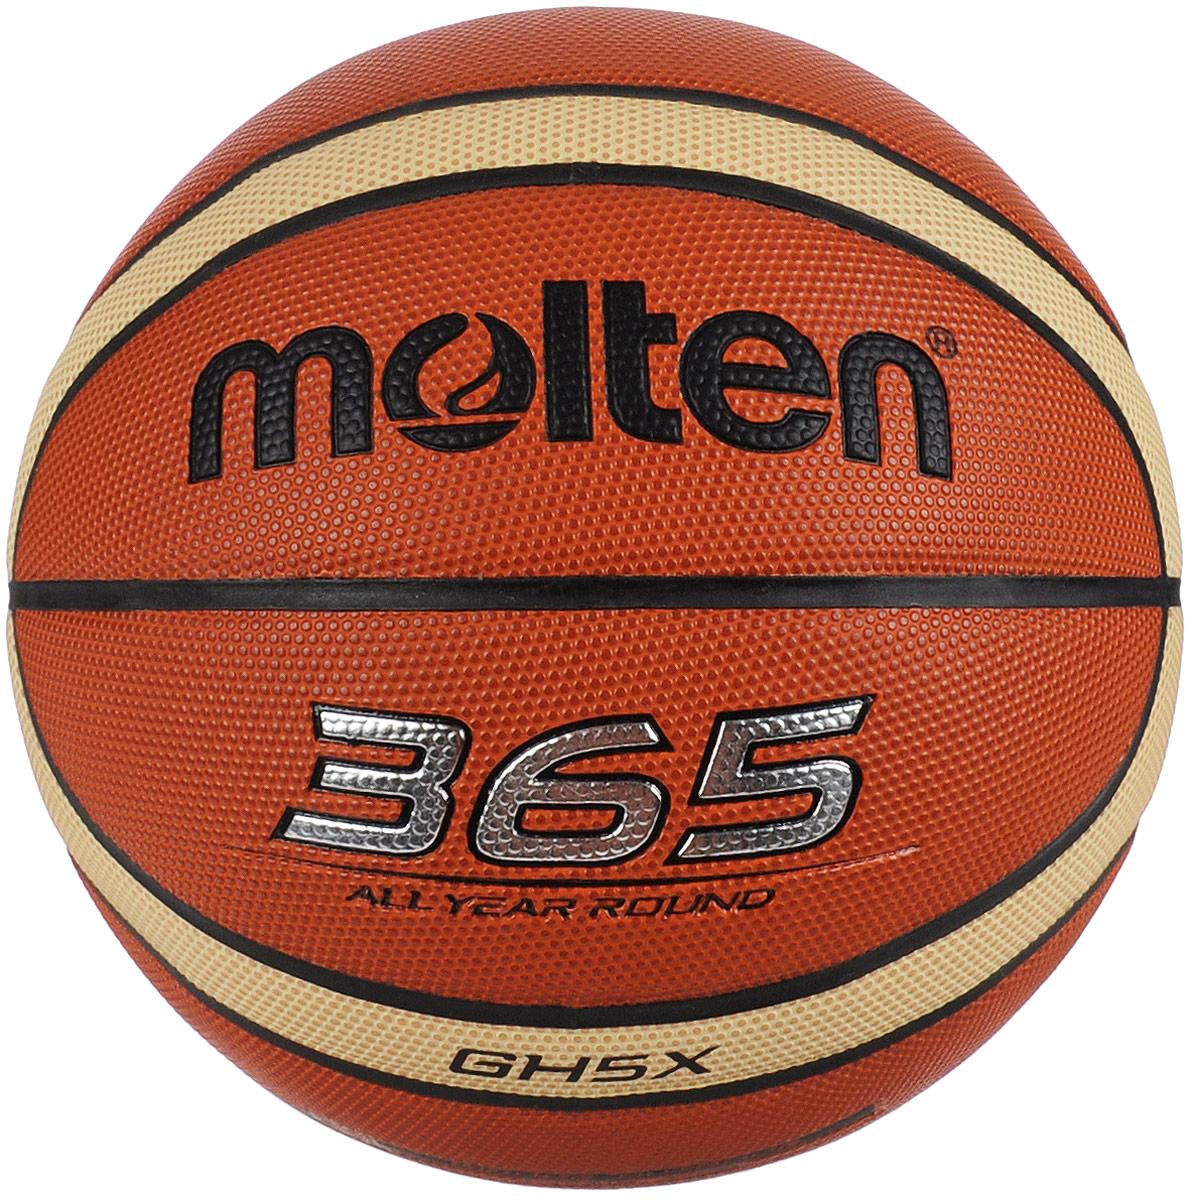 Мяч баскетбольный Molten. Размер 5. BGH5XBGH5XБаскетбольный мяч Molten прекрасно подходит для игр или тренировок в зале и на улице. Покрышка из синтетической кожи (поливинилхлорид). Шероховатая поверхность служит для оптимального контроля мяча при его подборе и в других игровых ситуациях. Увеличенная износостойкость. 12- панельный дизайн.